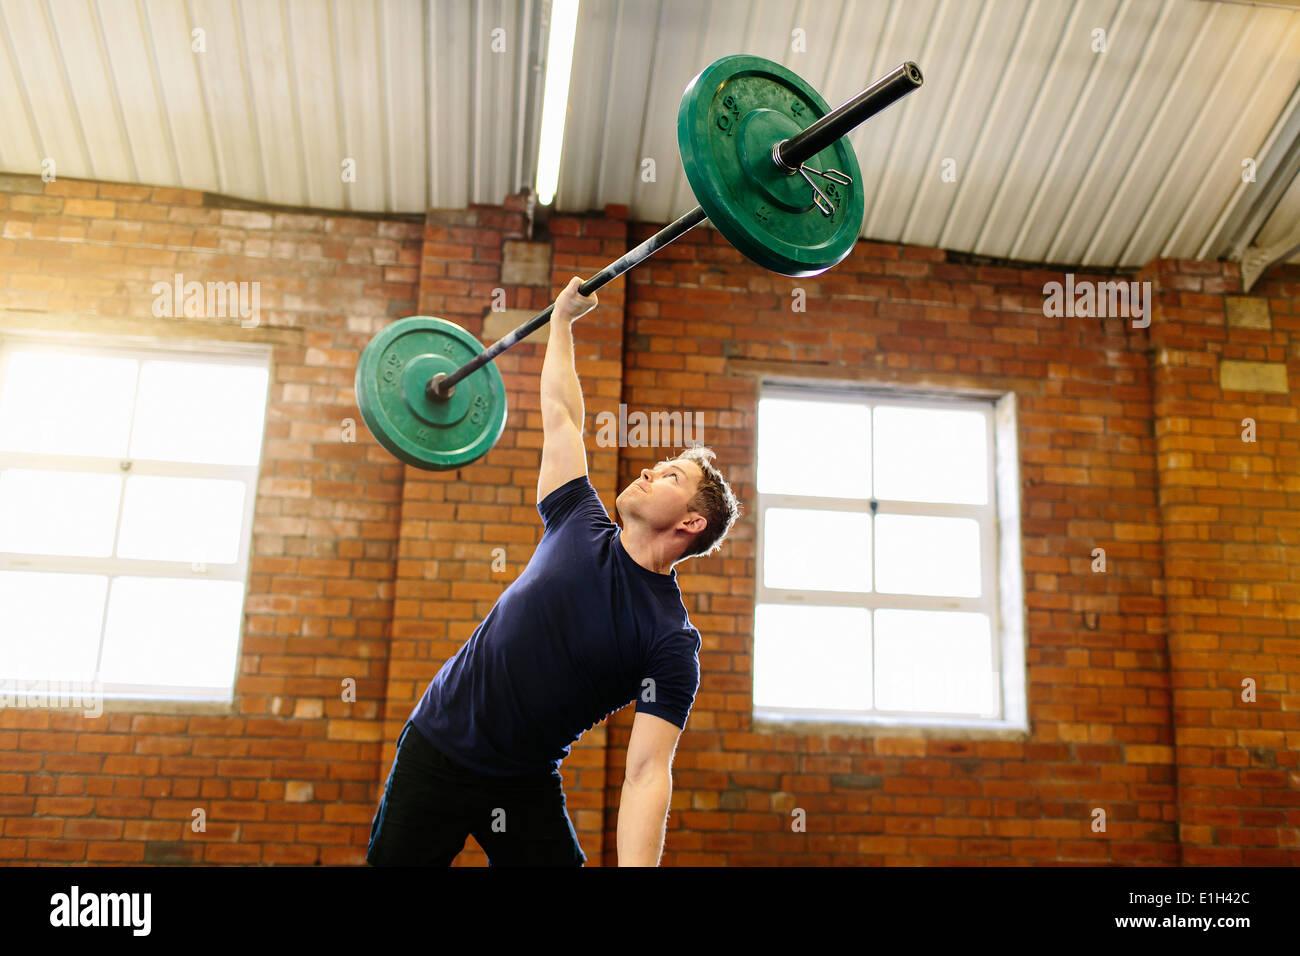 El hombre levantando barbell con una mano Imagen De Stock